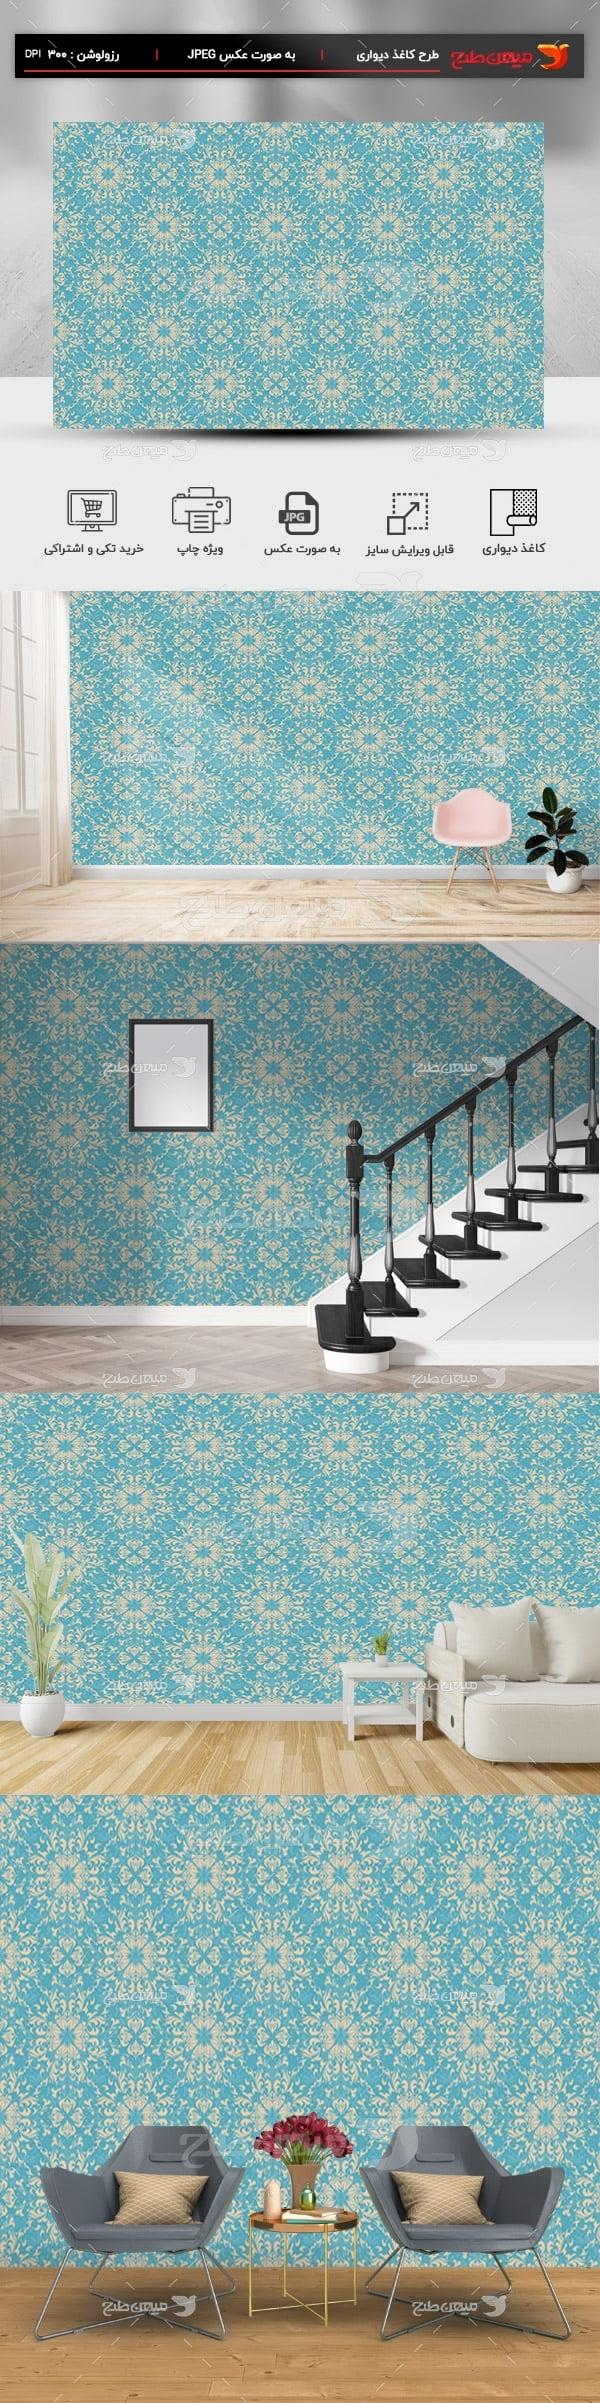 پوستر کاغذ دیواری ساده مدل کرم و آبی